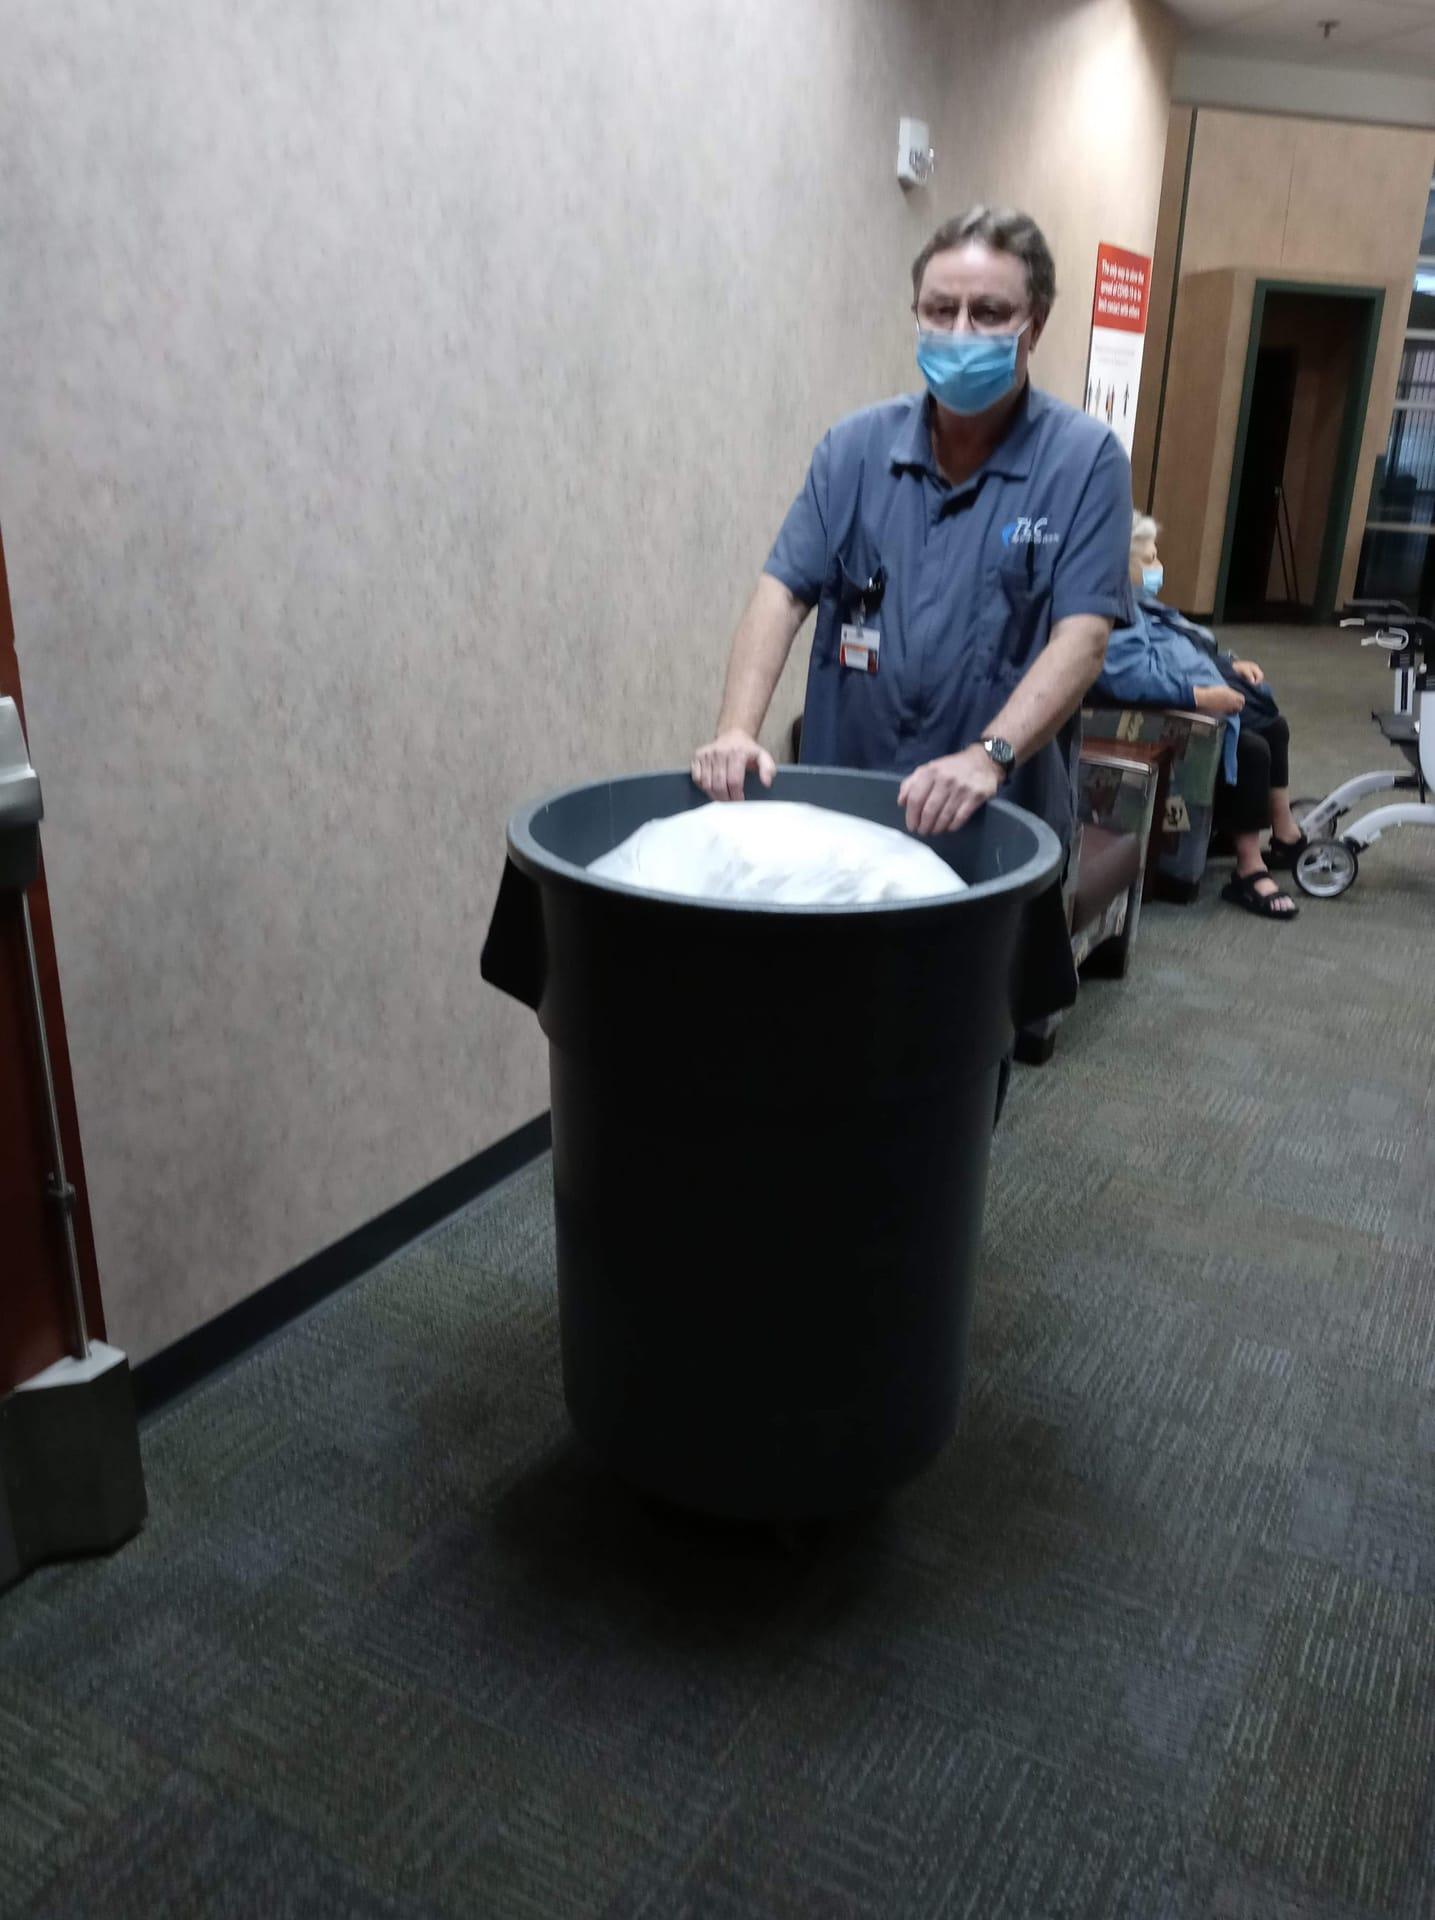 Janitorial team member